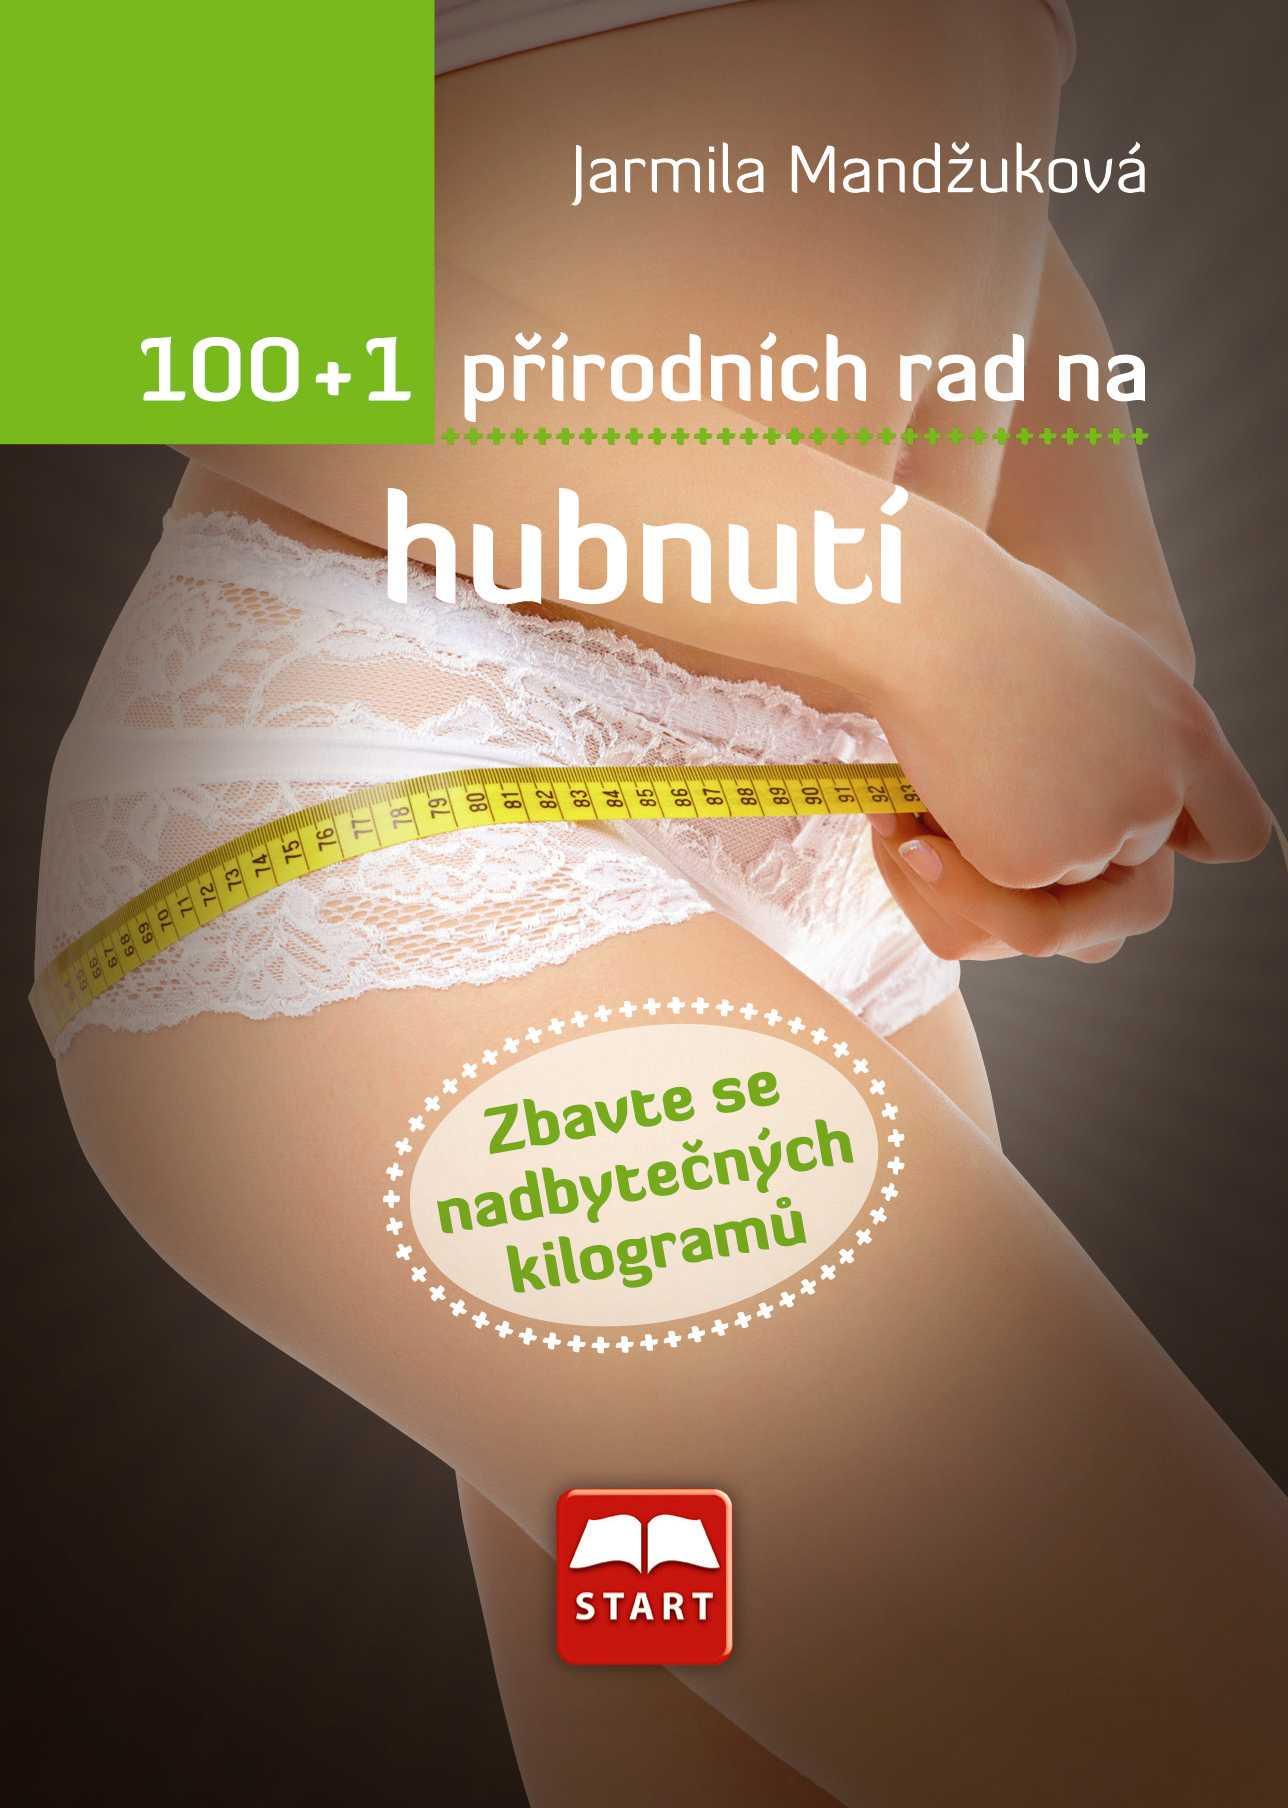 100 + 1 přírodních rad na hubnutí